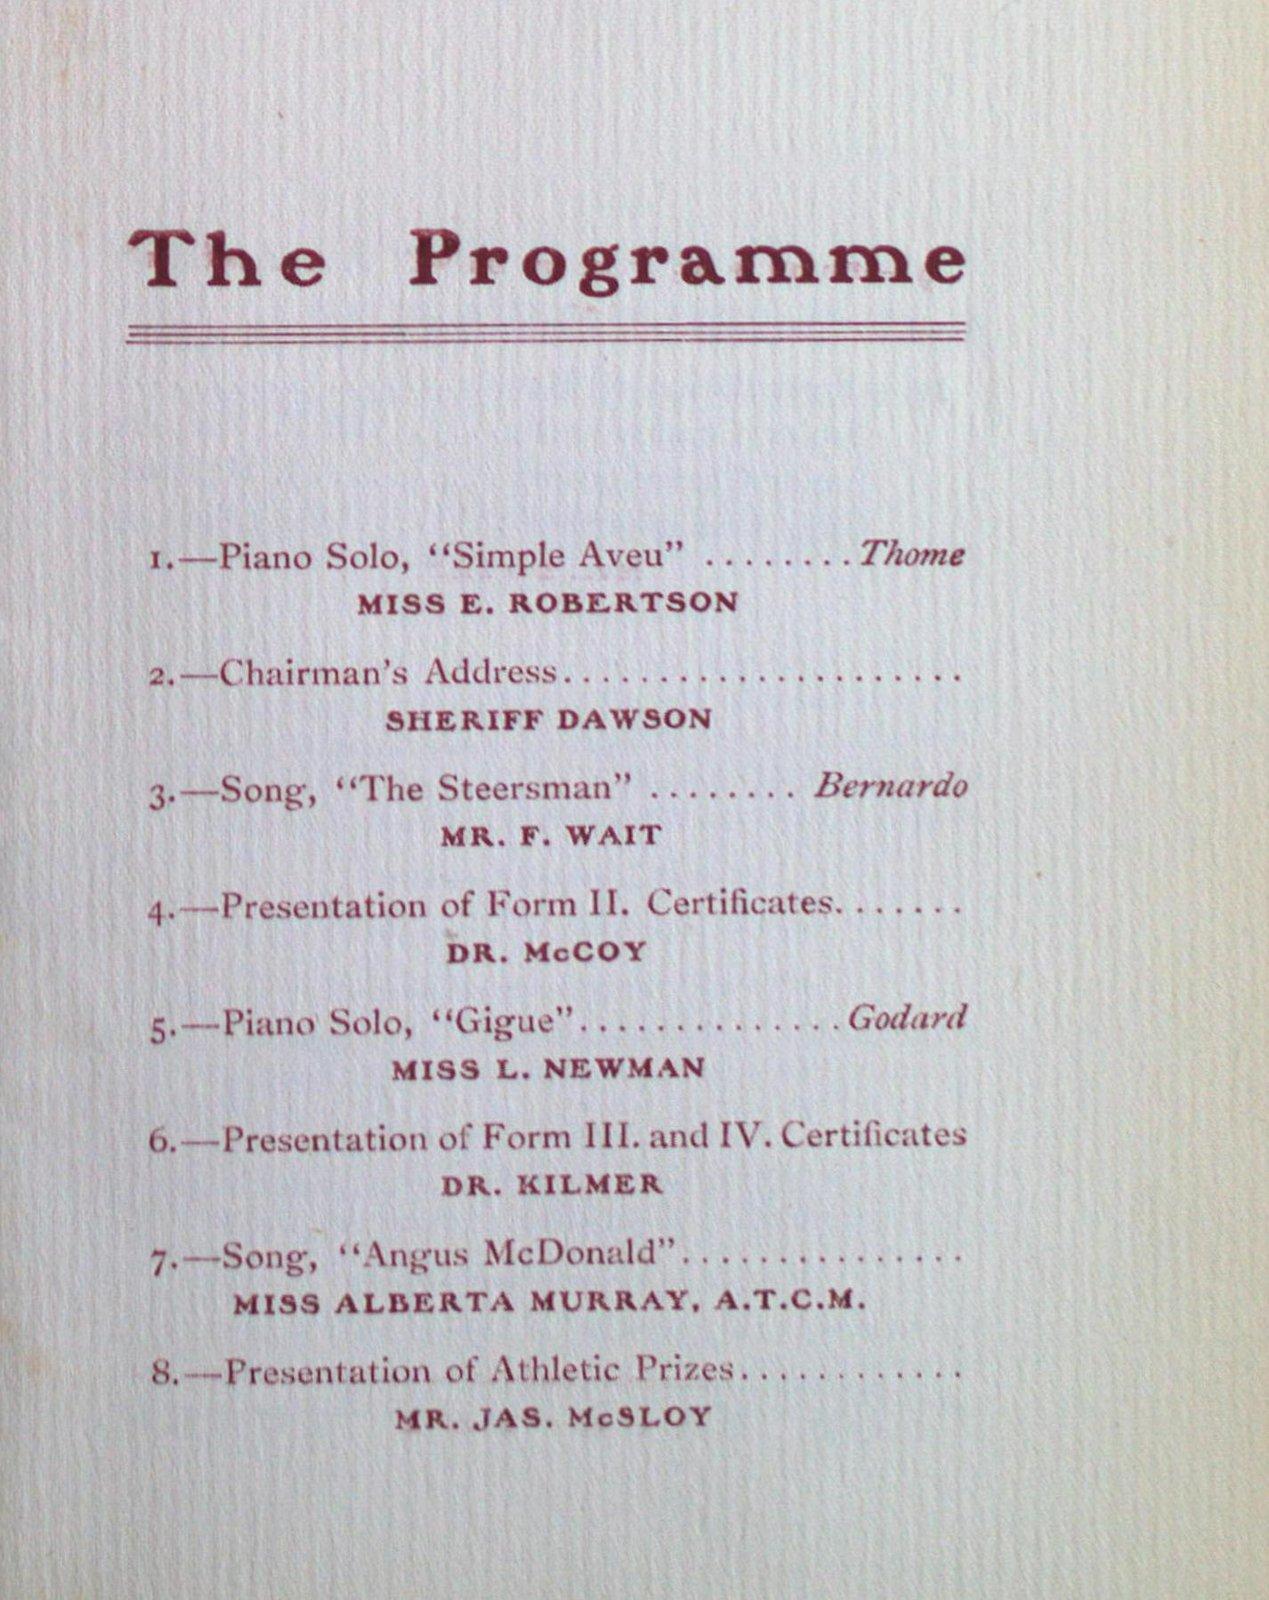 Teresa Vanderburgh's Musical Scrapbook #2 - Annual Commencement - St. Catharines Collegiate Institute